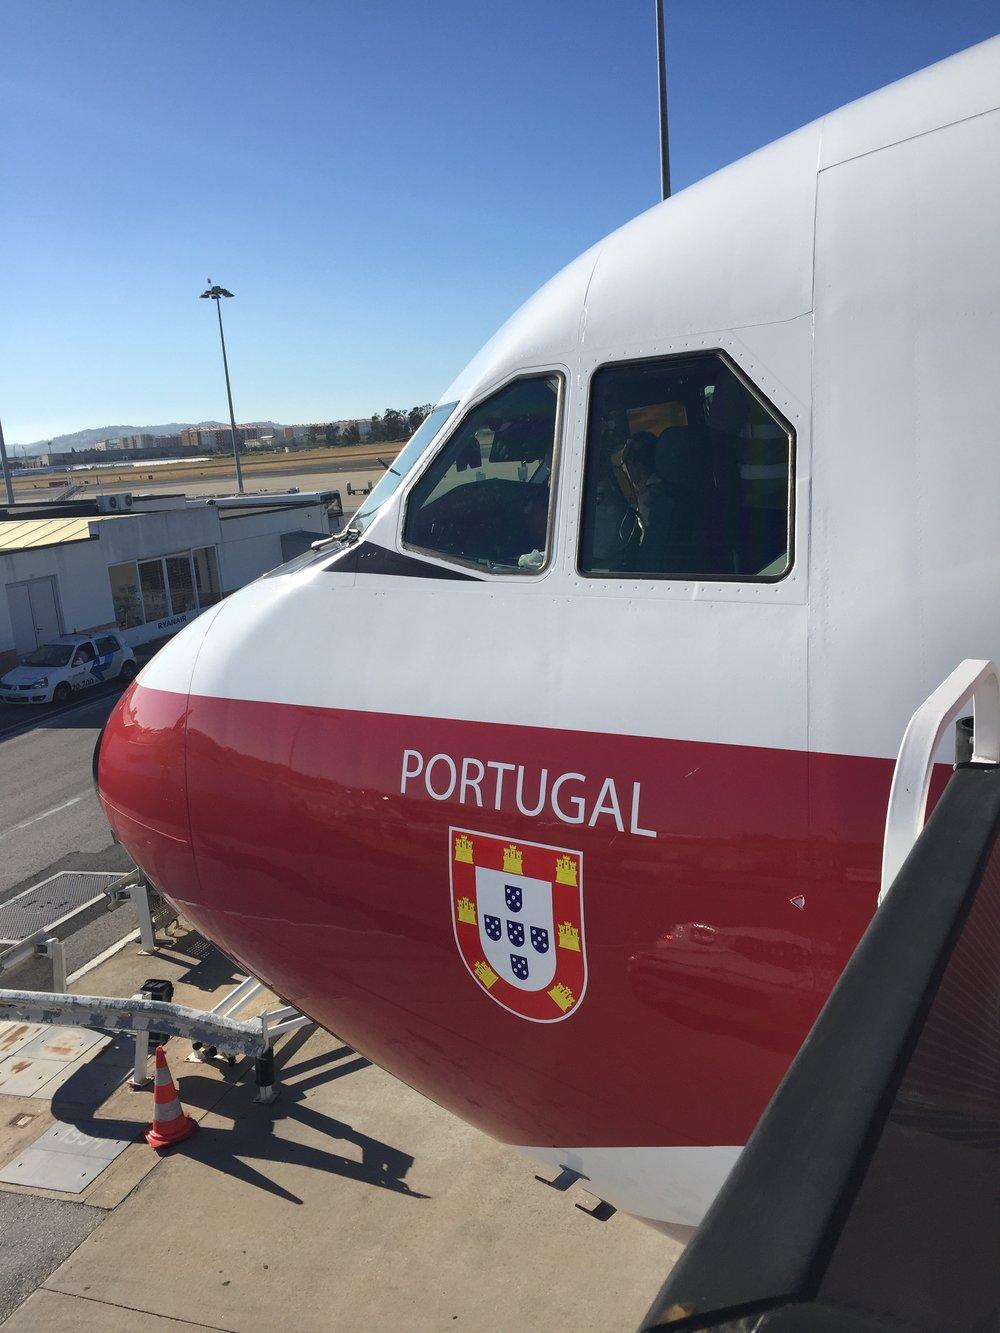 TAP A330 retrojet portugal.JPG